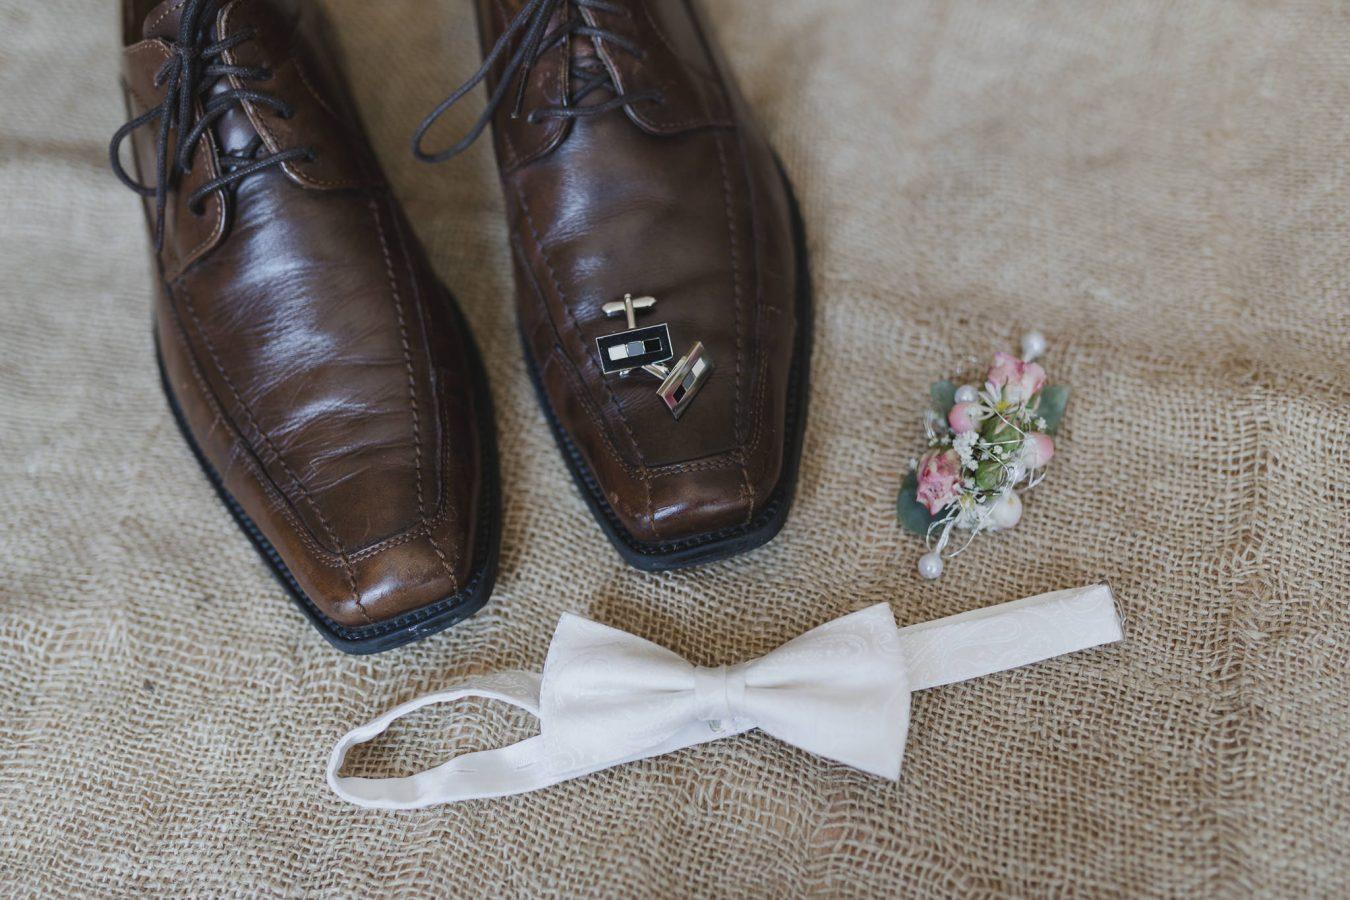 Schuhe und Accessoires des Bräutigams